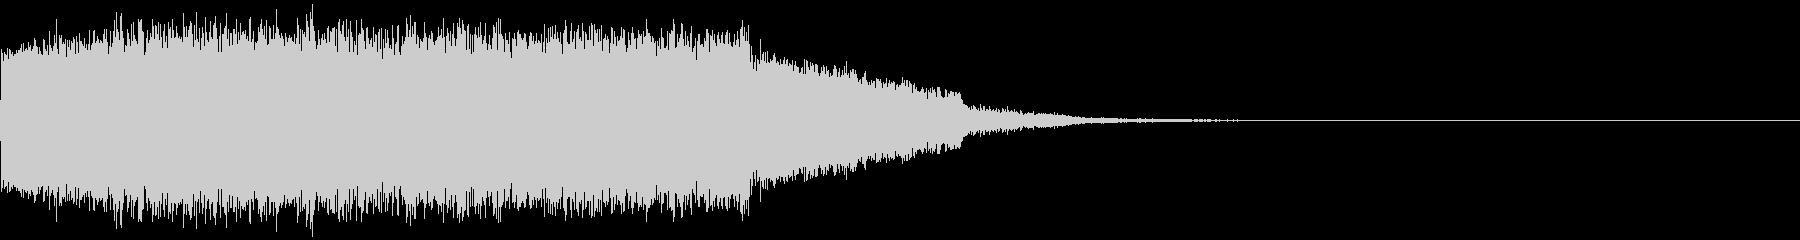 ギュイーン 重め ギューン 光る 031の未再生の波形